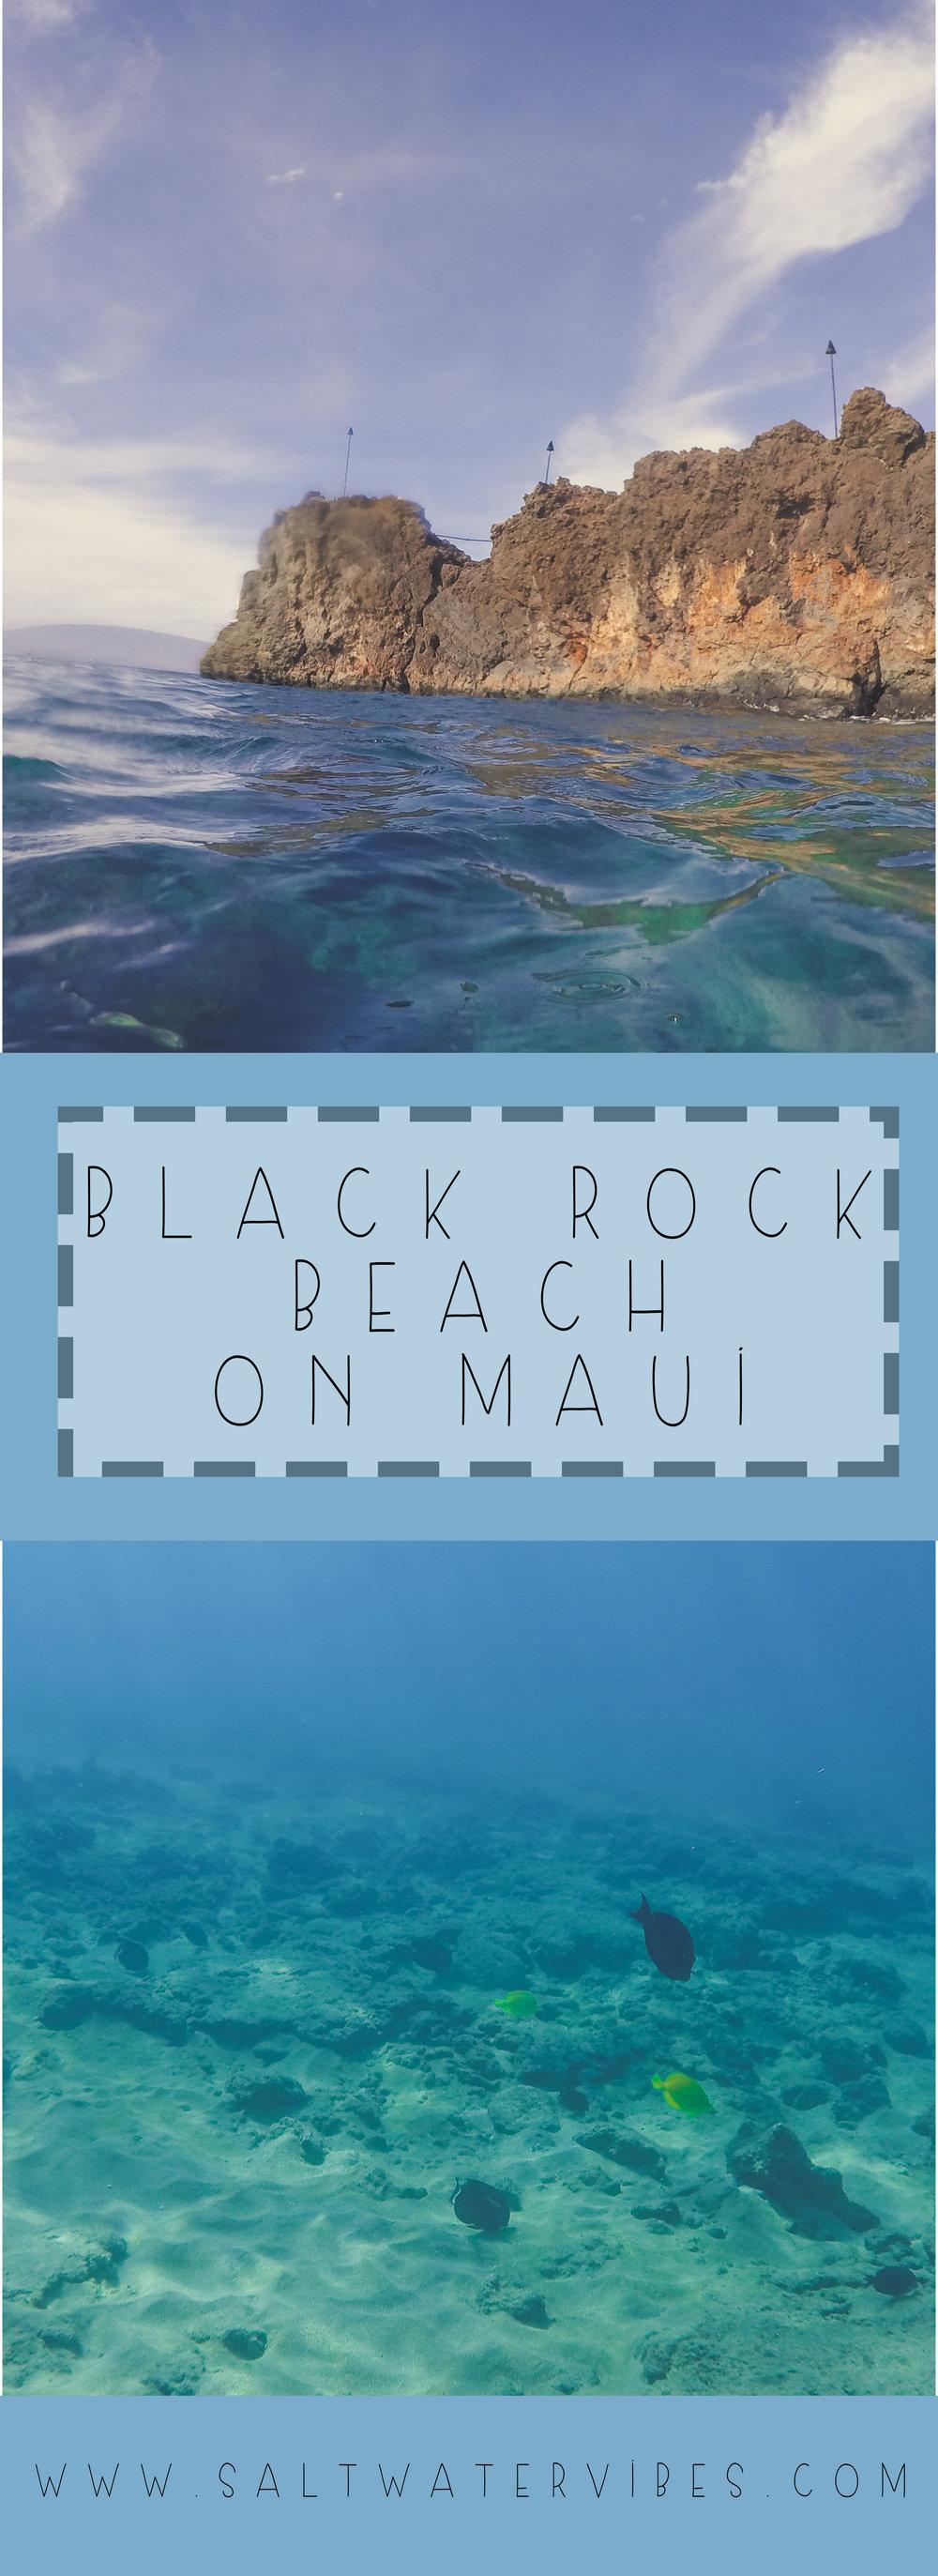 black rockpin .jpg